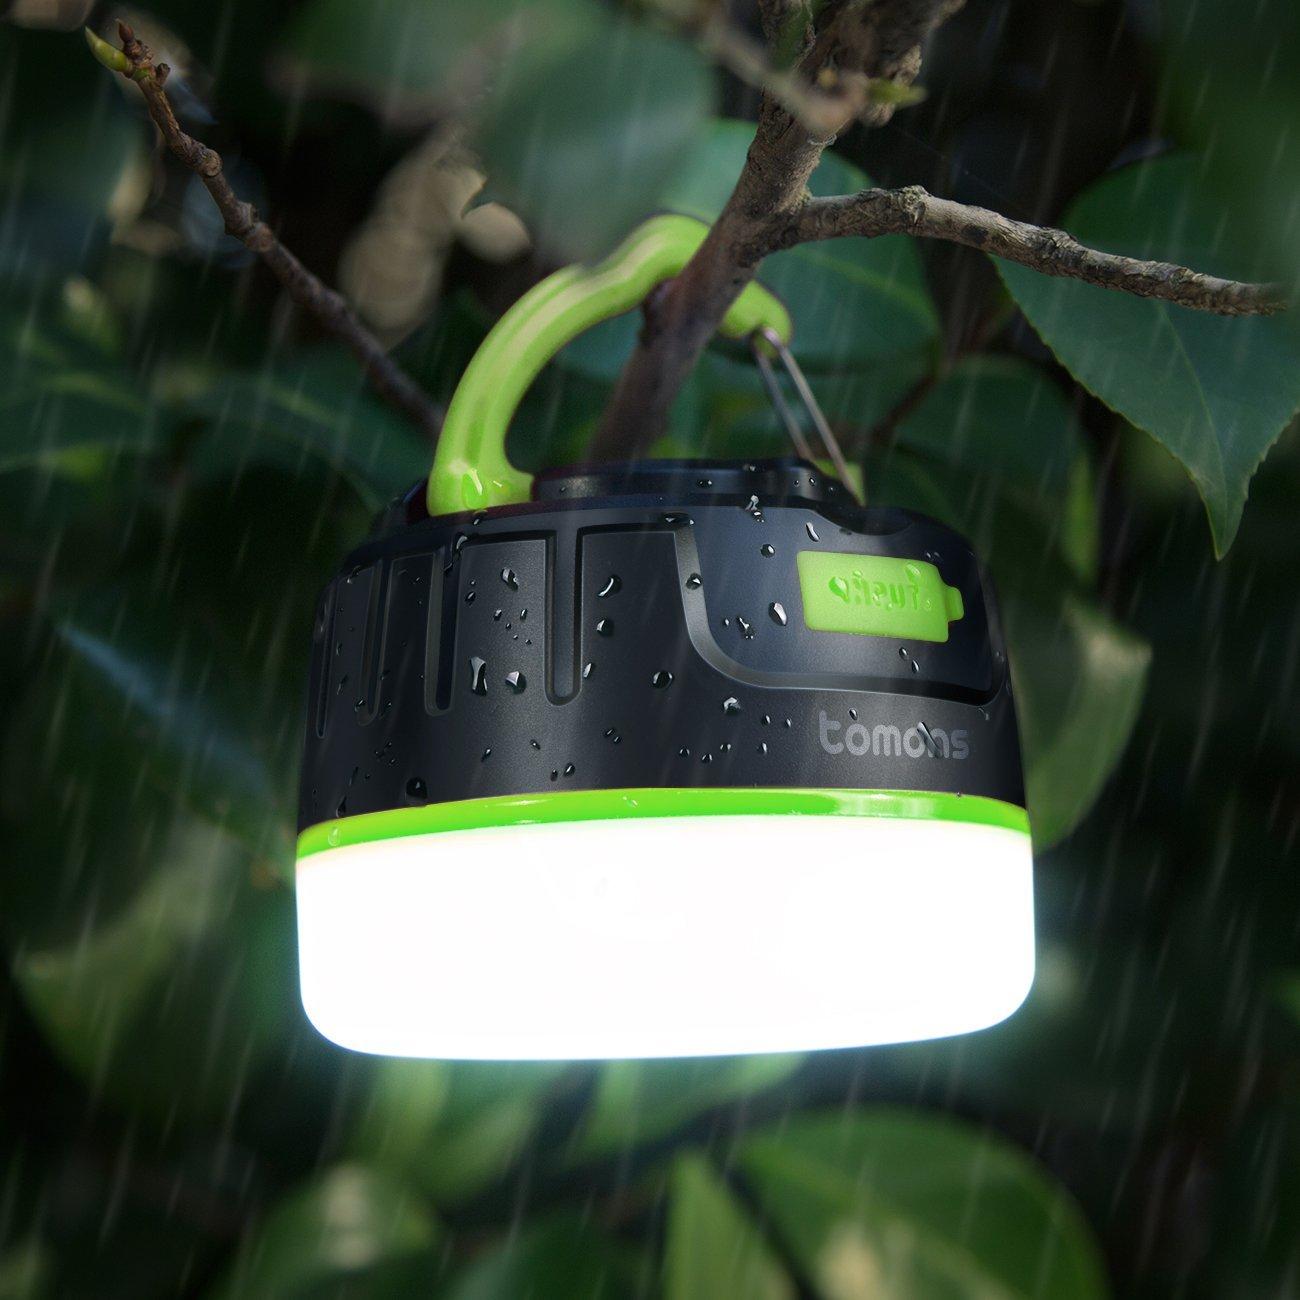 Tomons CL2001 la lanterna da campeggio con power bank integrato